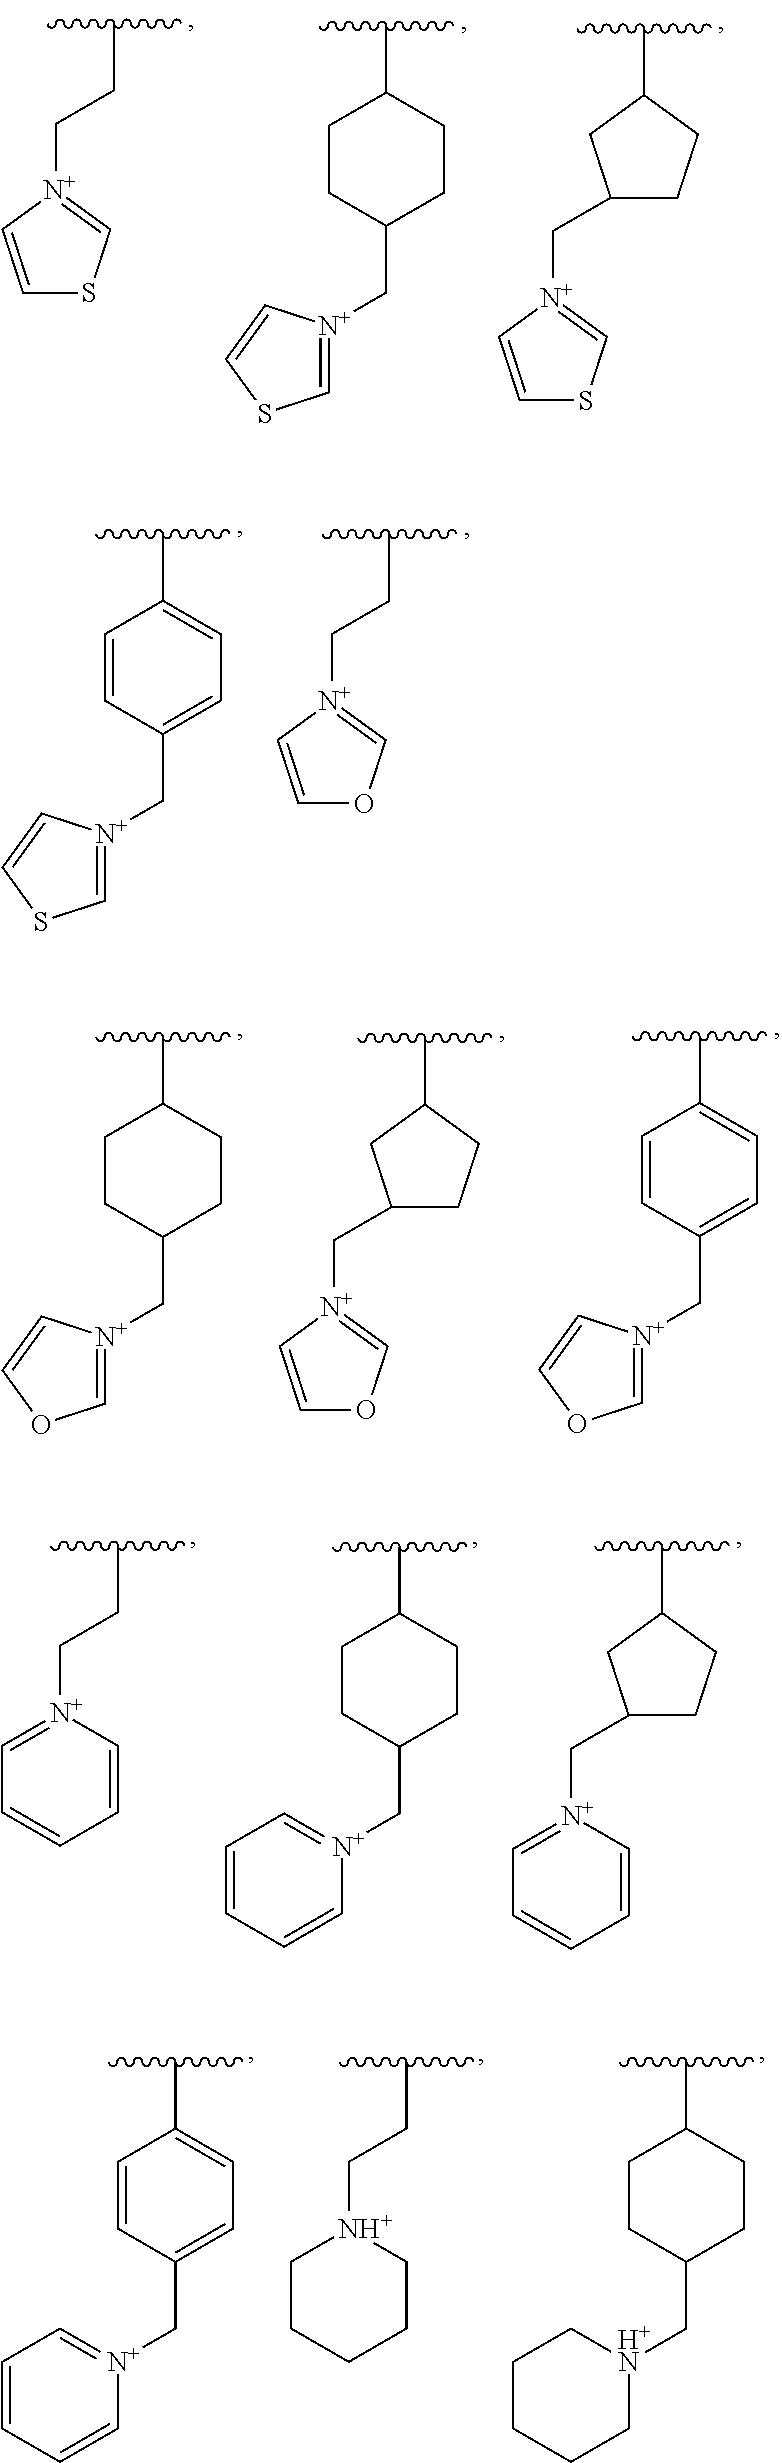 Figure US08476388-20130702-C00005